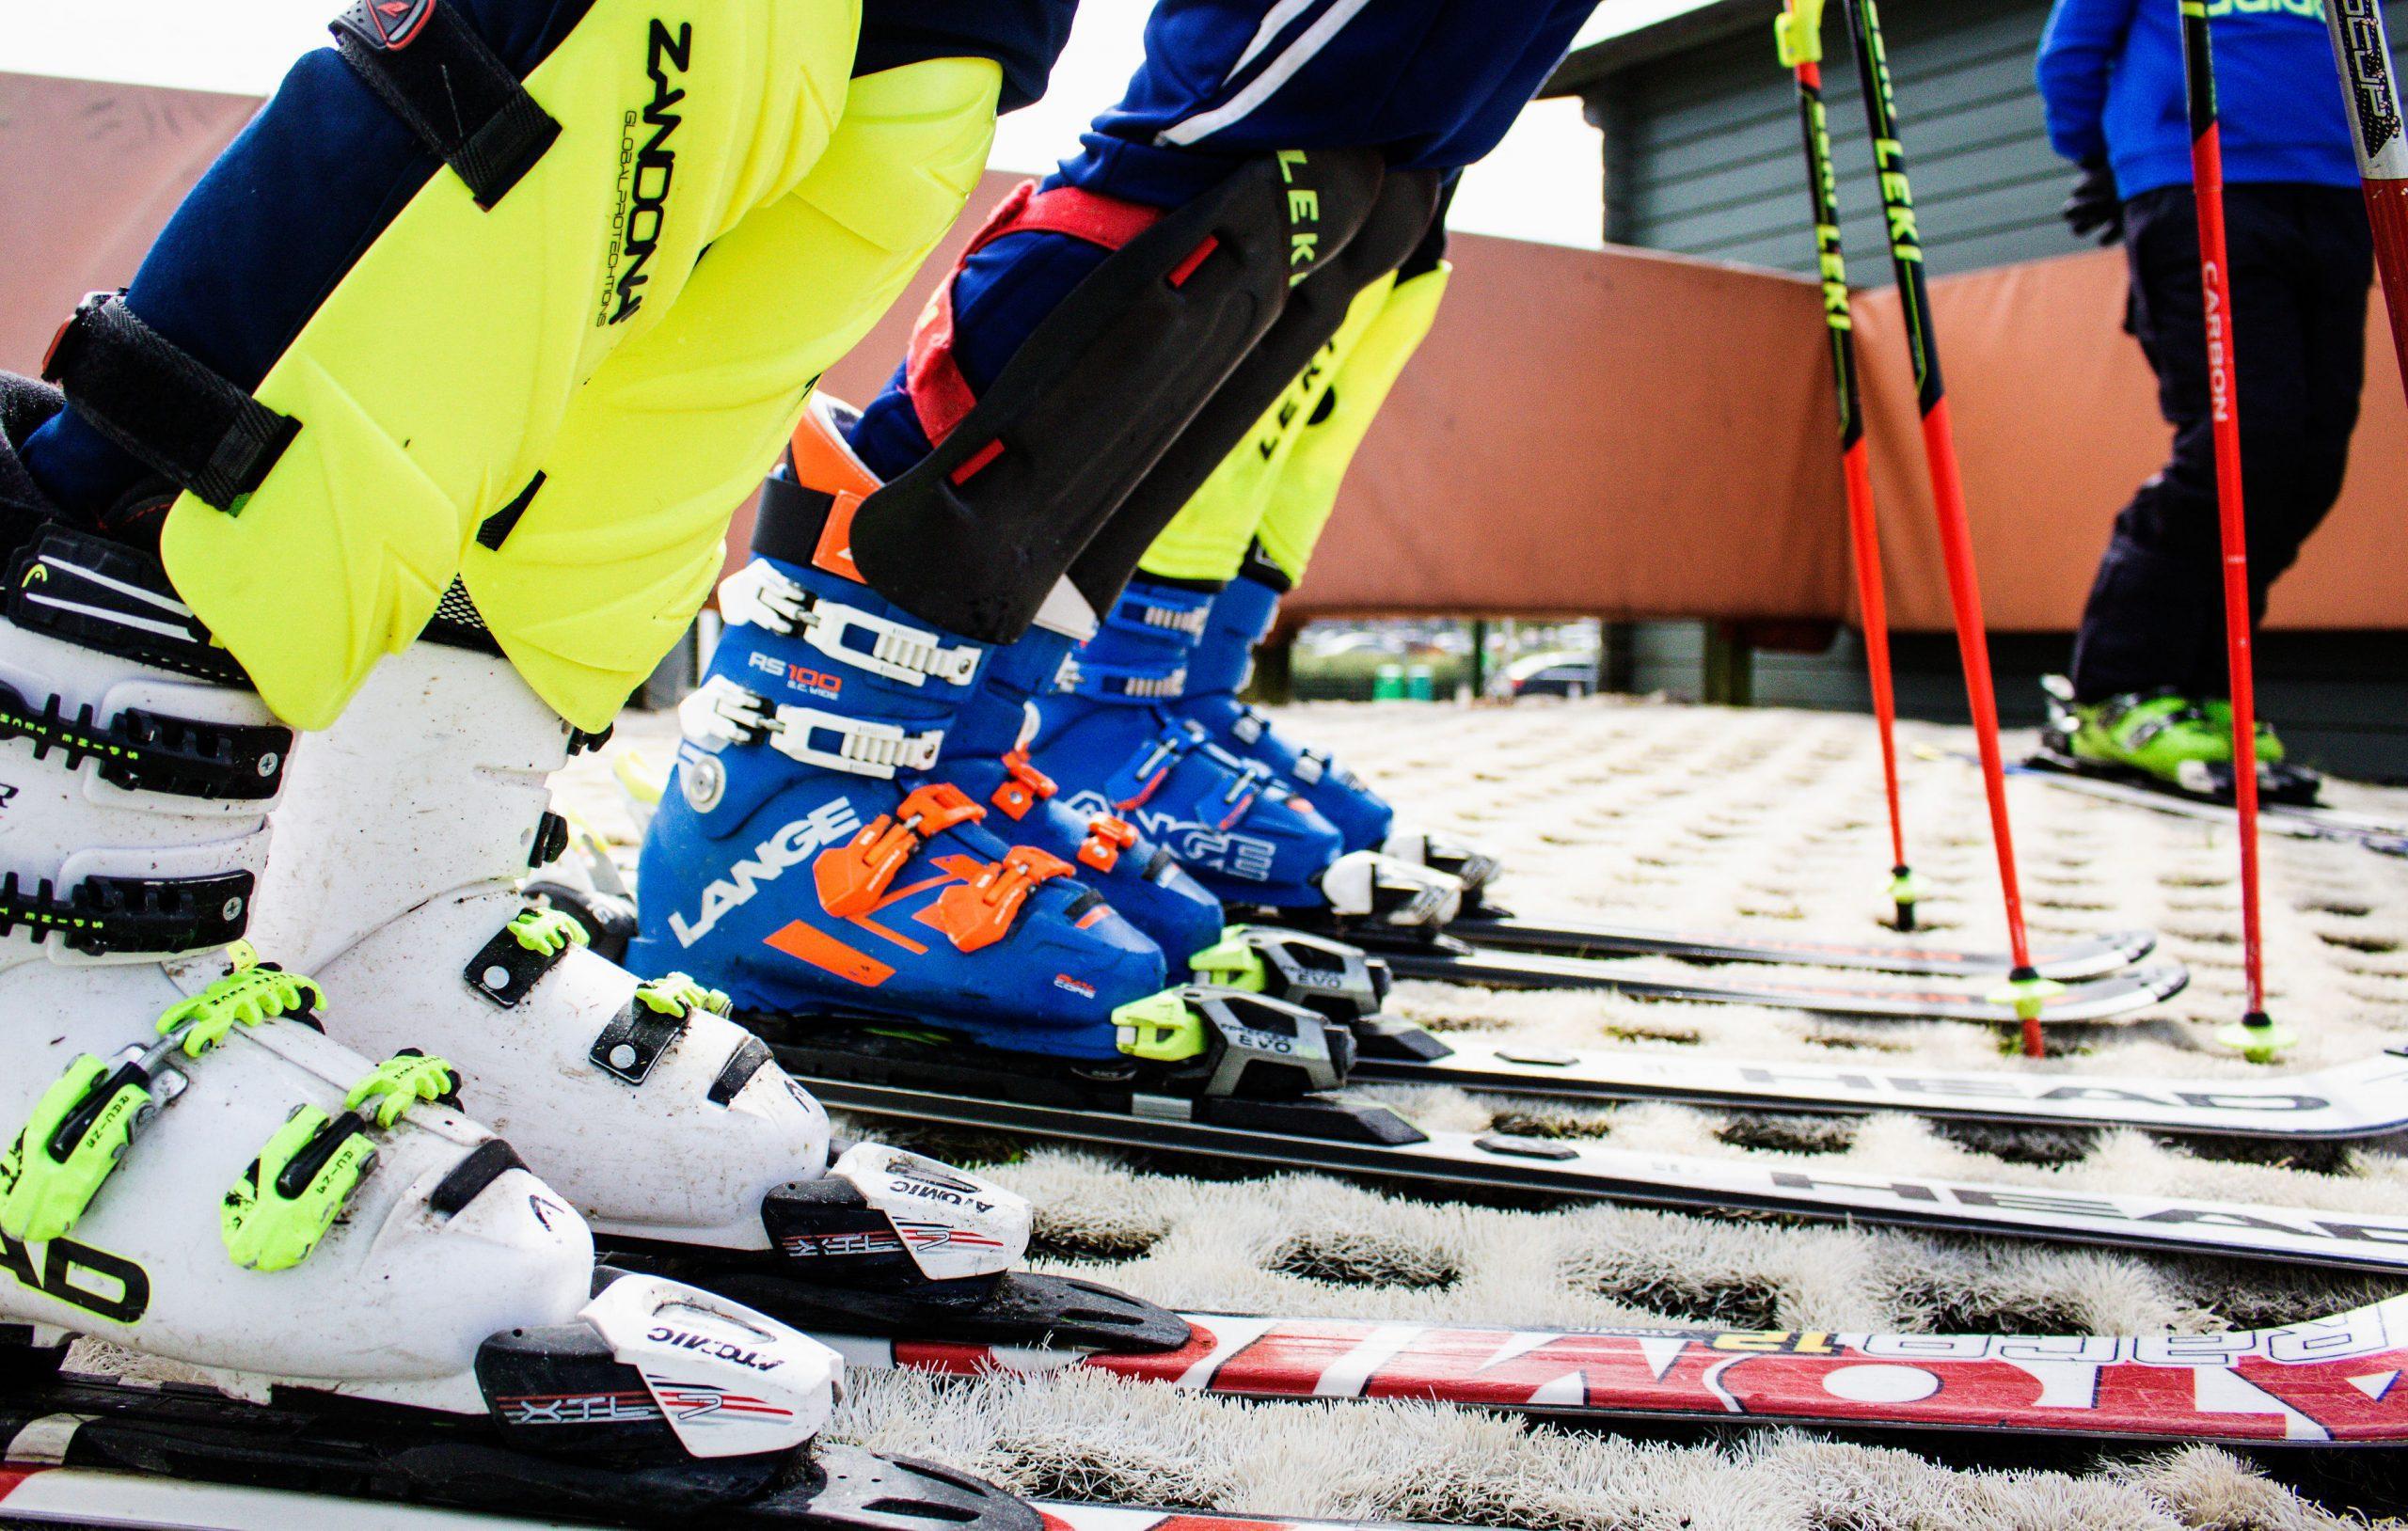 Adventure Aberdeen Snowsports Centre